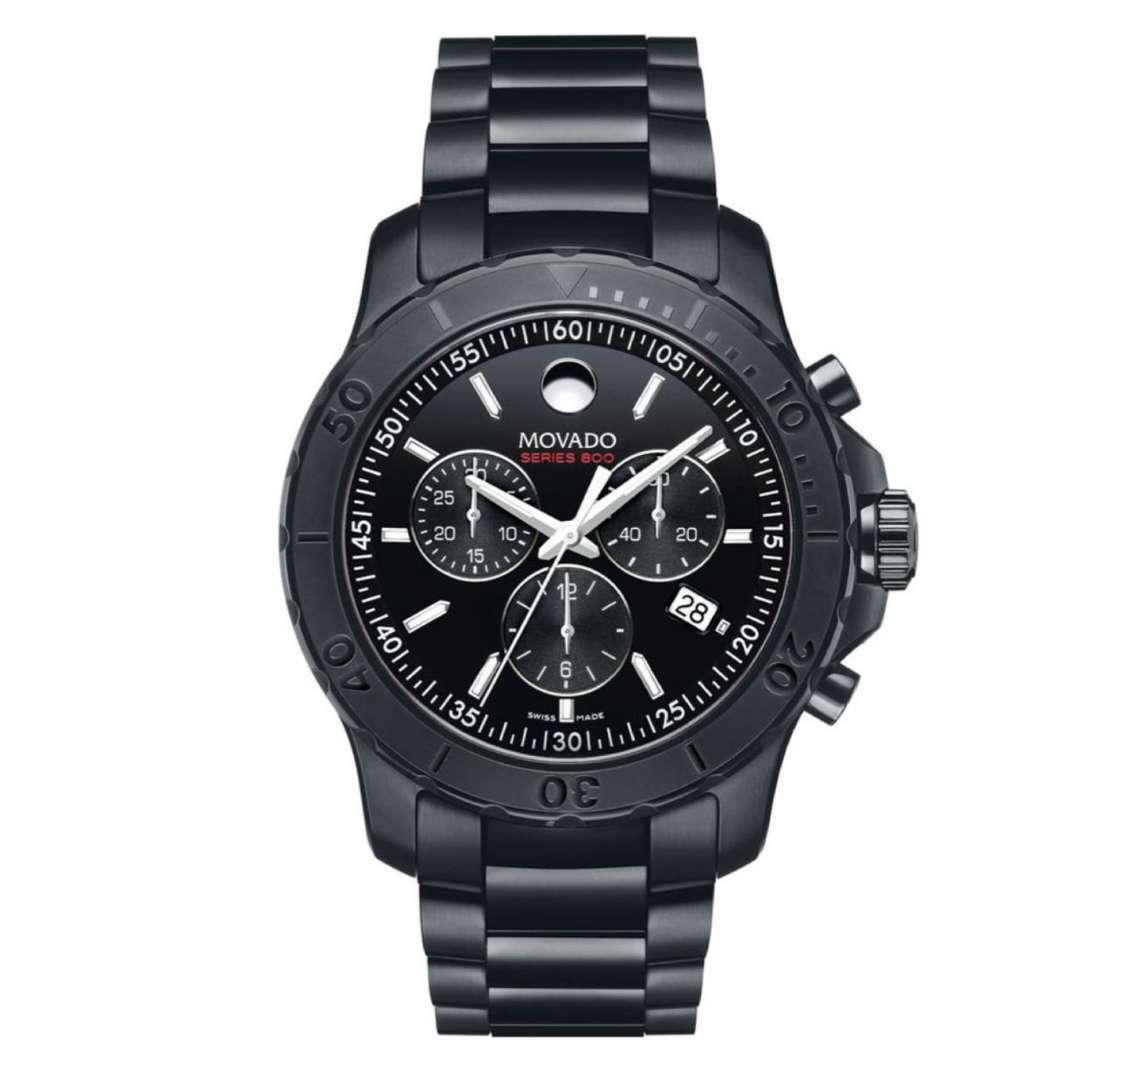 שעון יד אנלוגי 2600119 Movado מובאדו